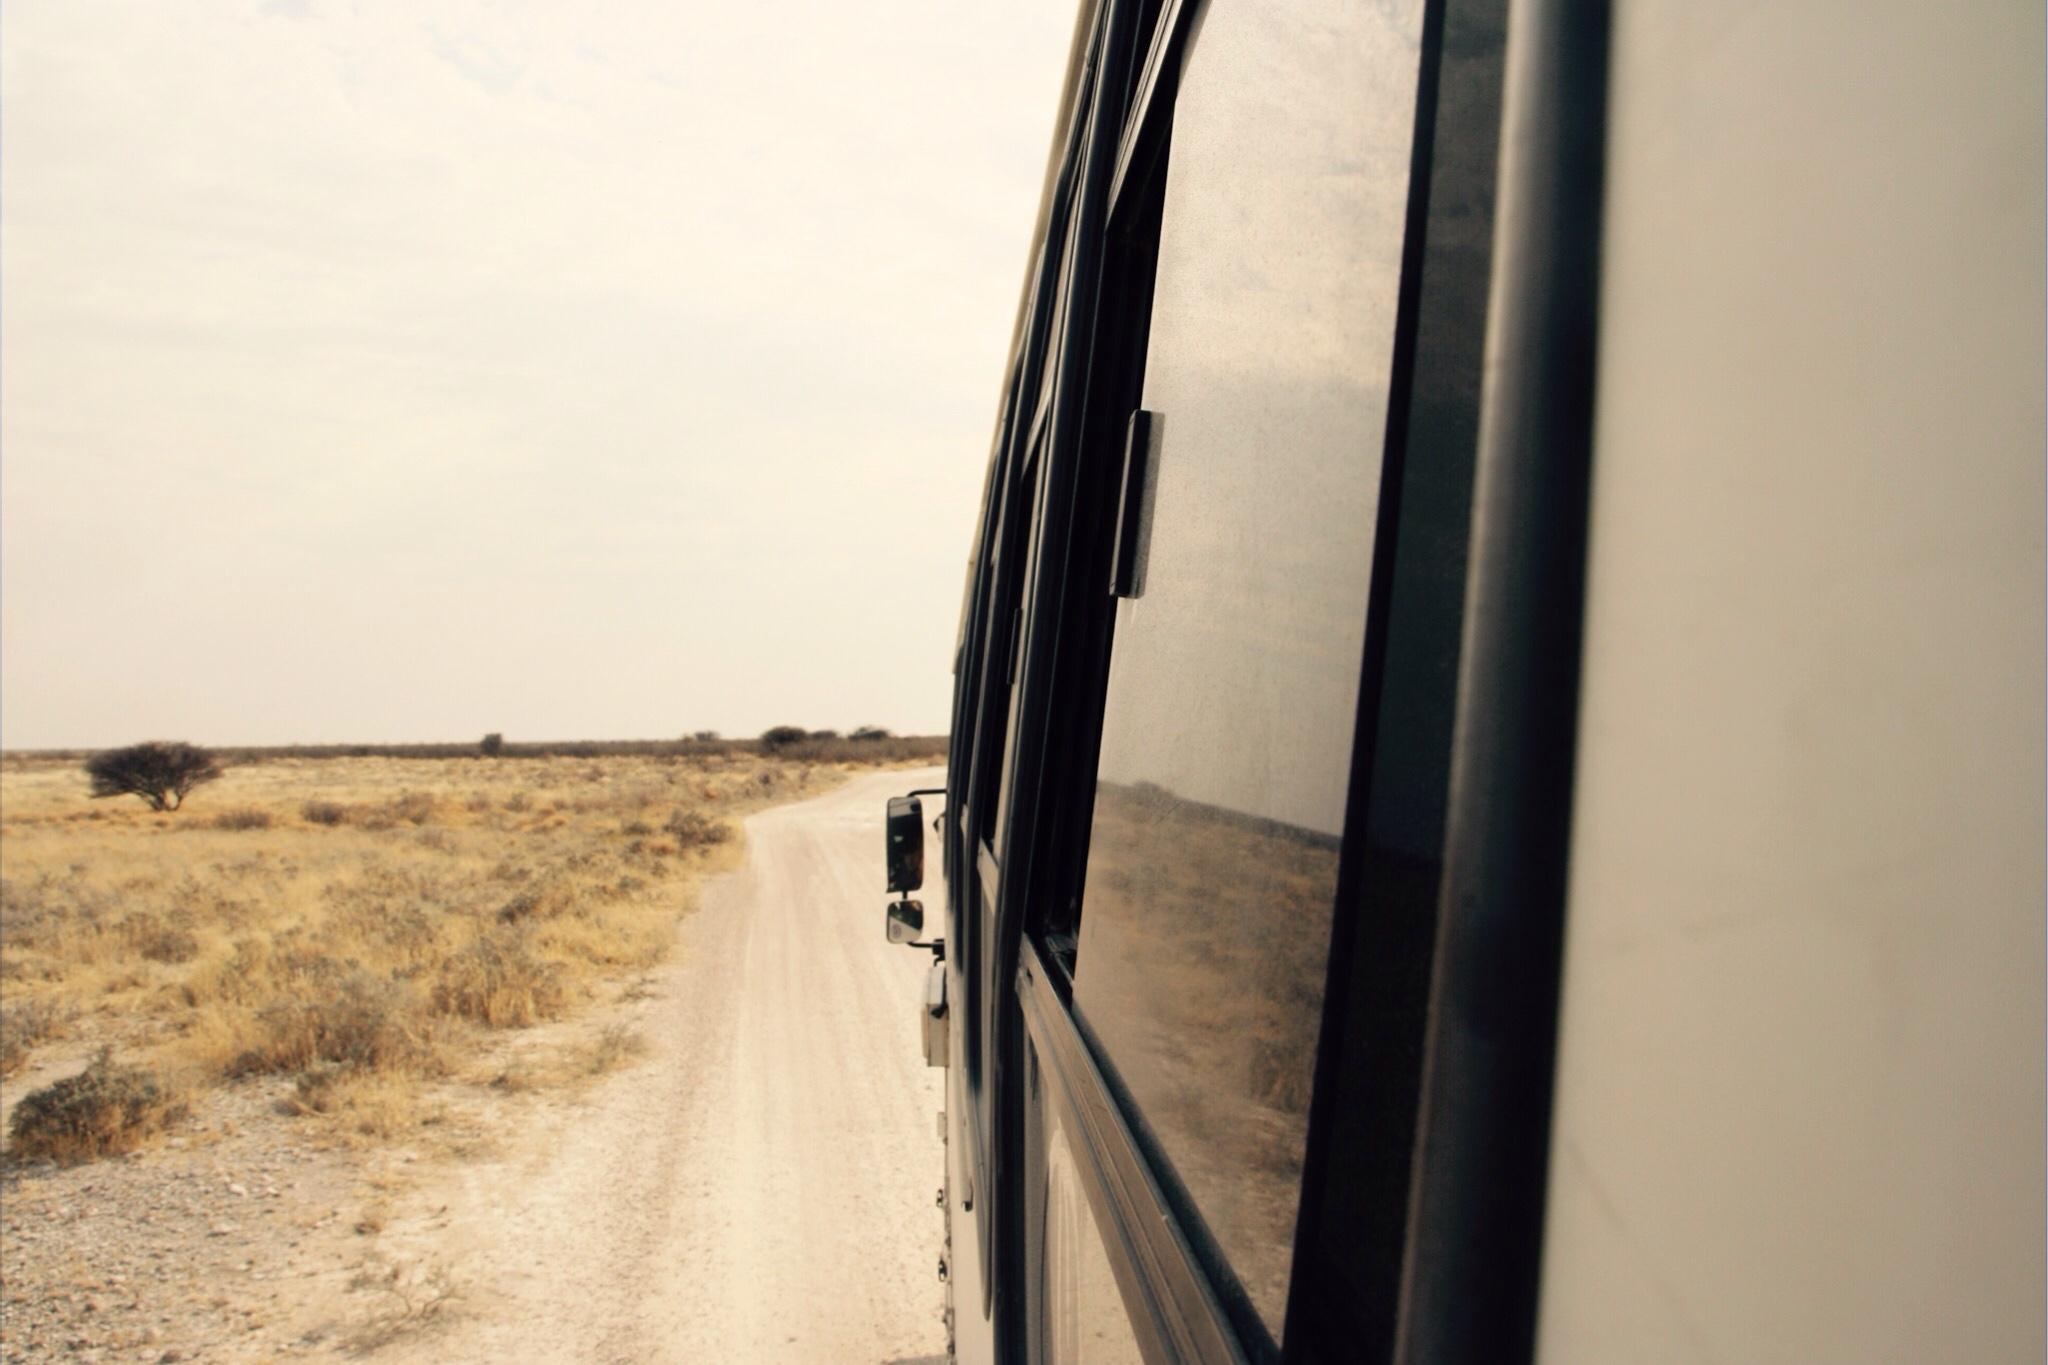 Game Drive, Etosha Nationalpark, Namibia, G-Adventures, Overlanding, Namibia, Afrika